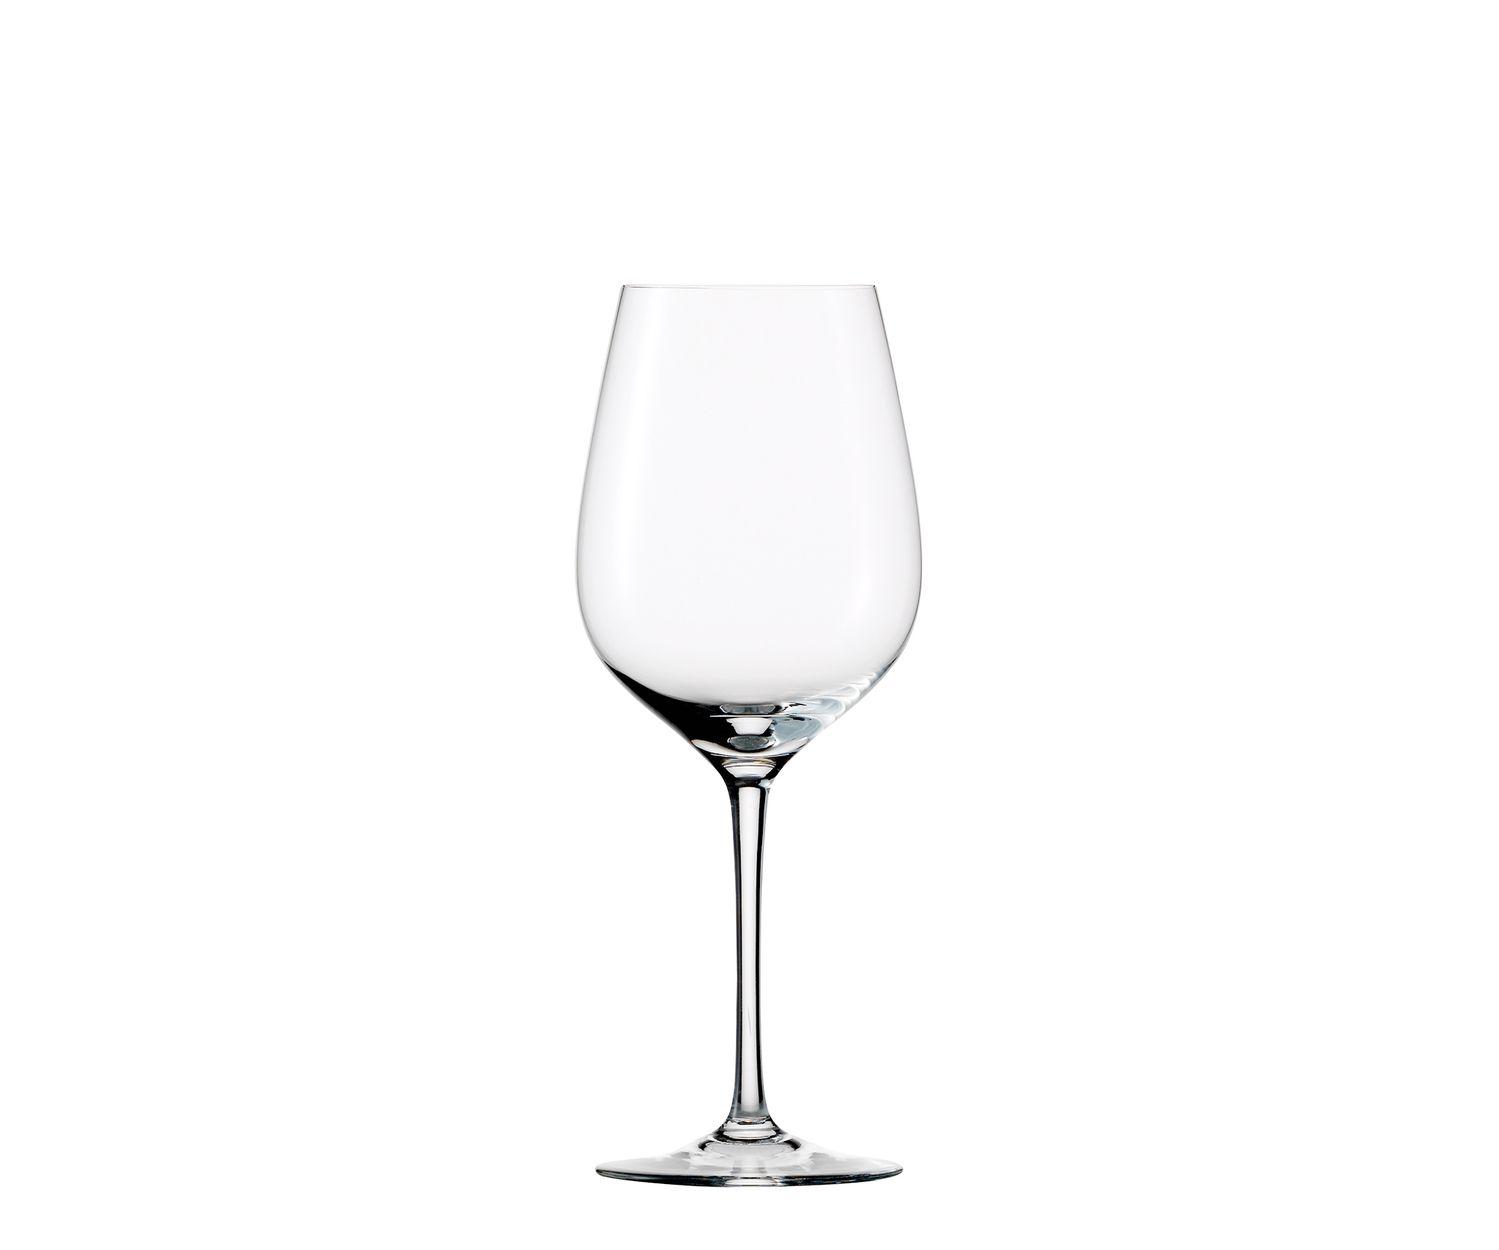 Eisch Rotwein Glas Superior Sensis Plus, 6 Stk – Bild 1